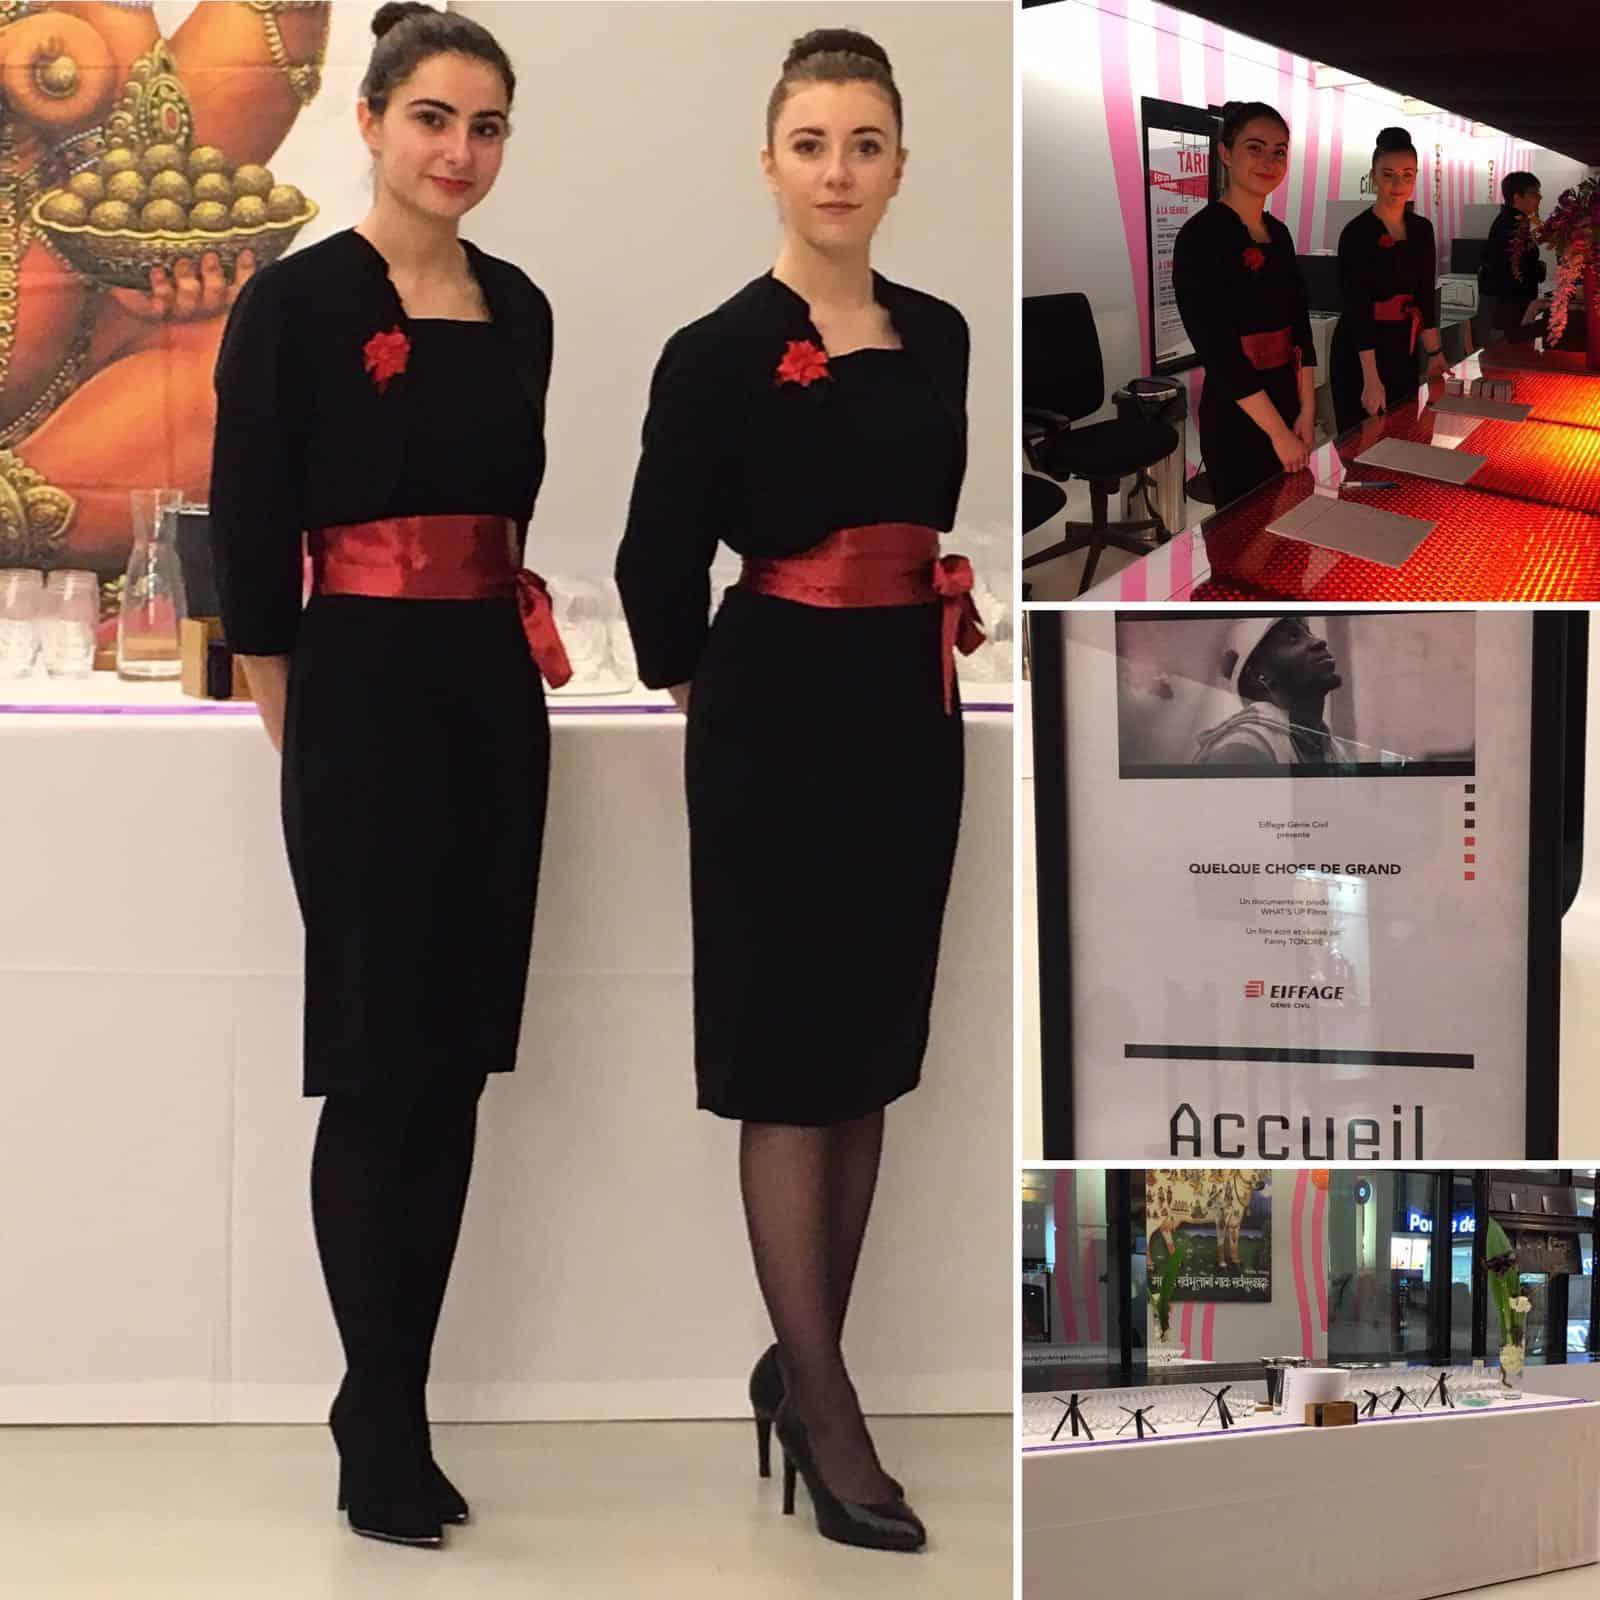 Agence elegance h tesses au forum des images pour eiffage for Hotesse pour salon